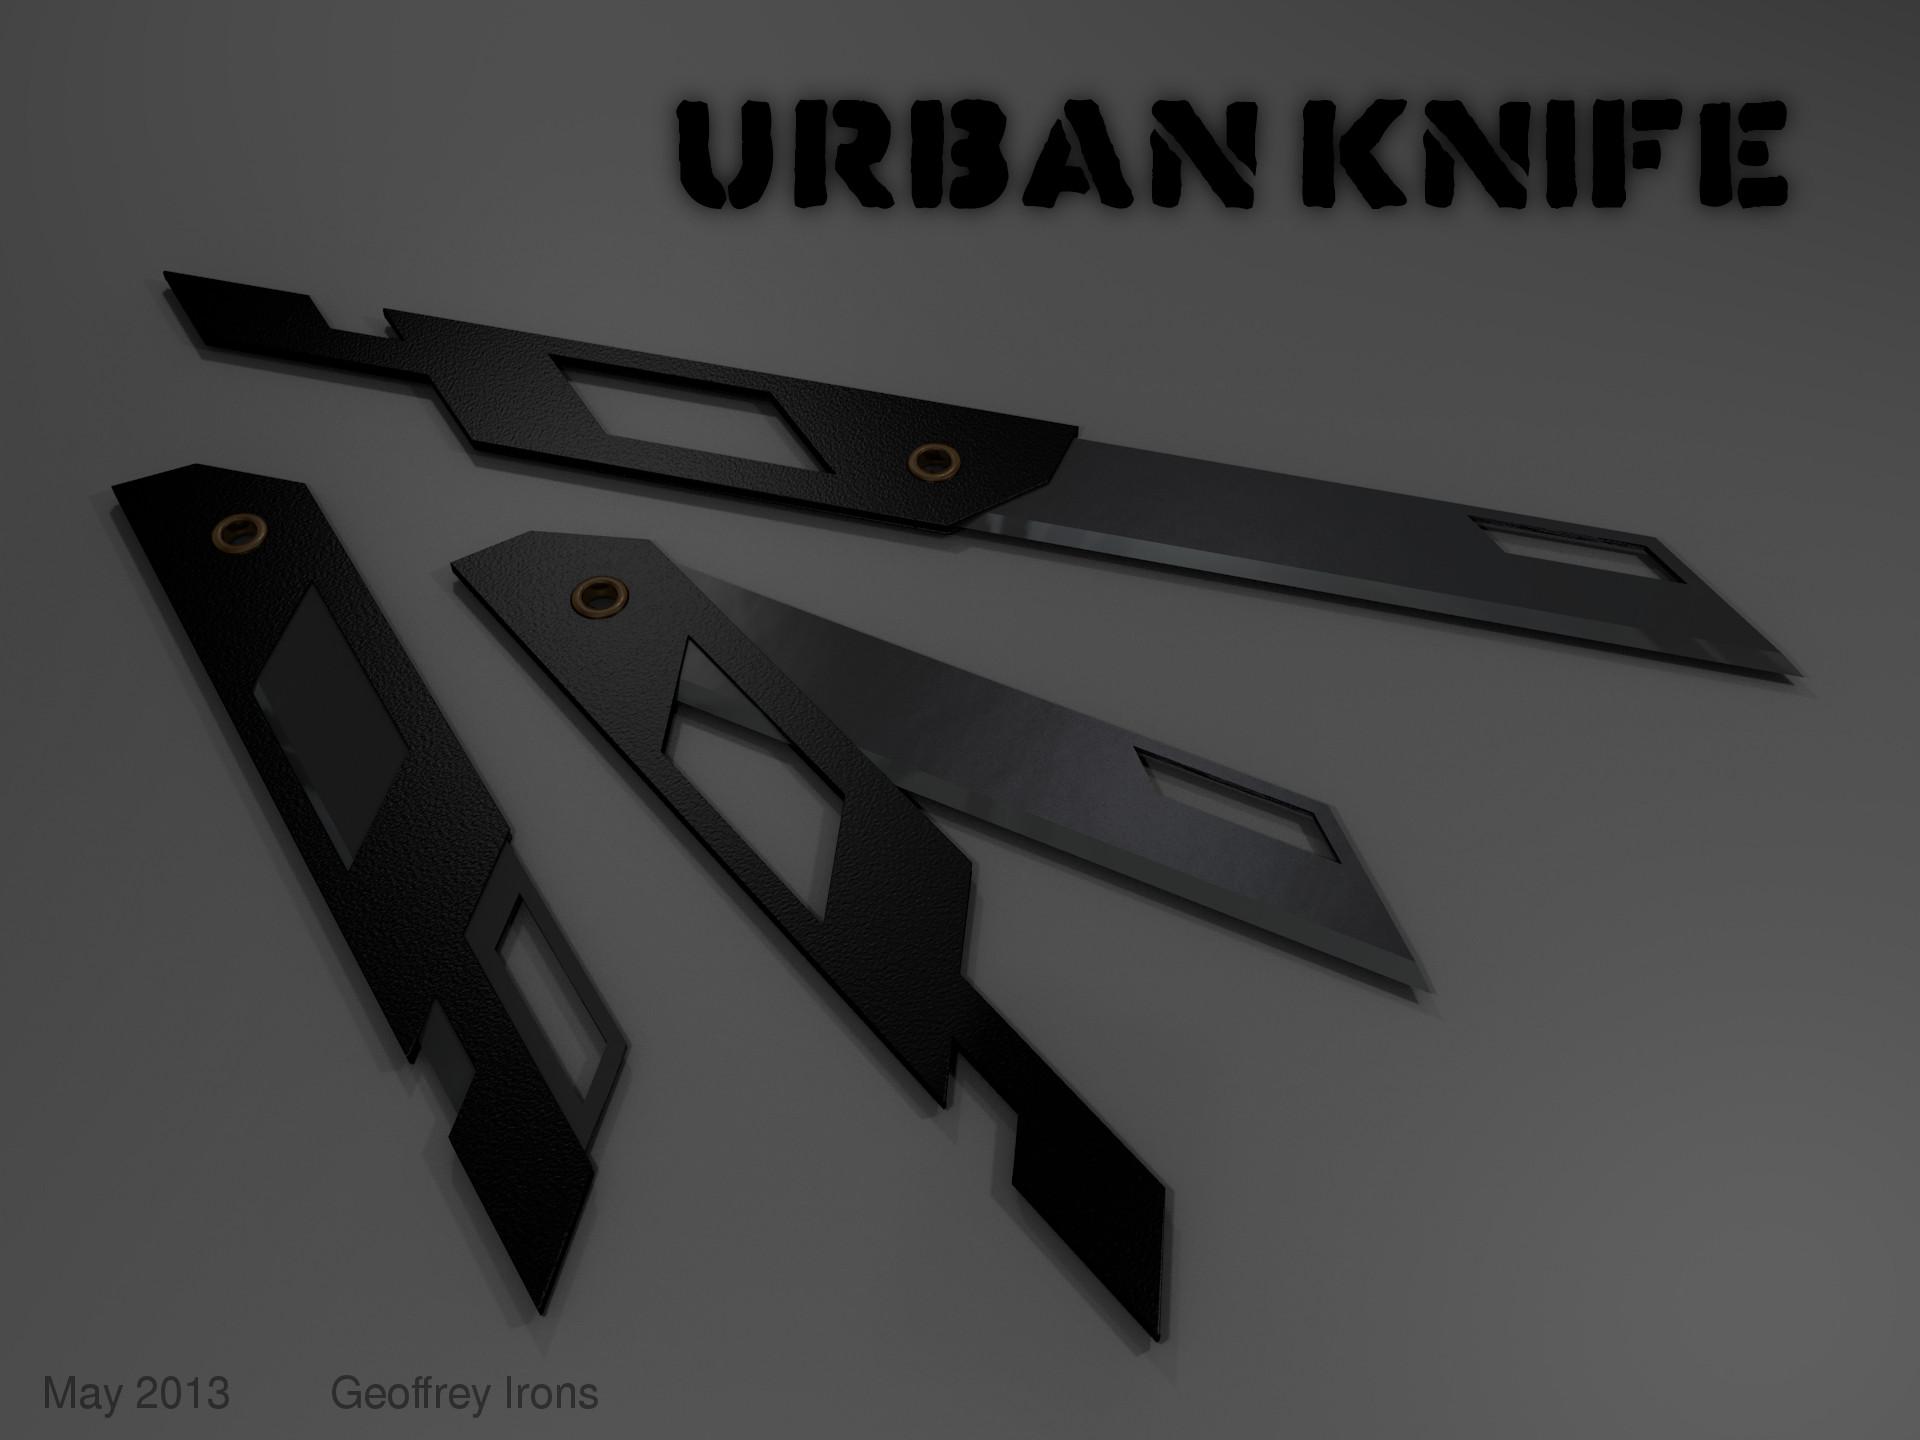 The Urban Micro-Knife